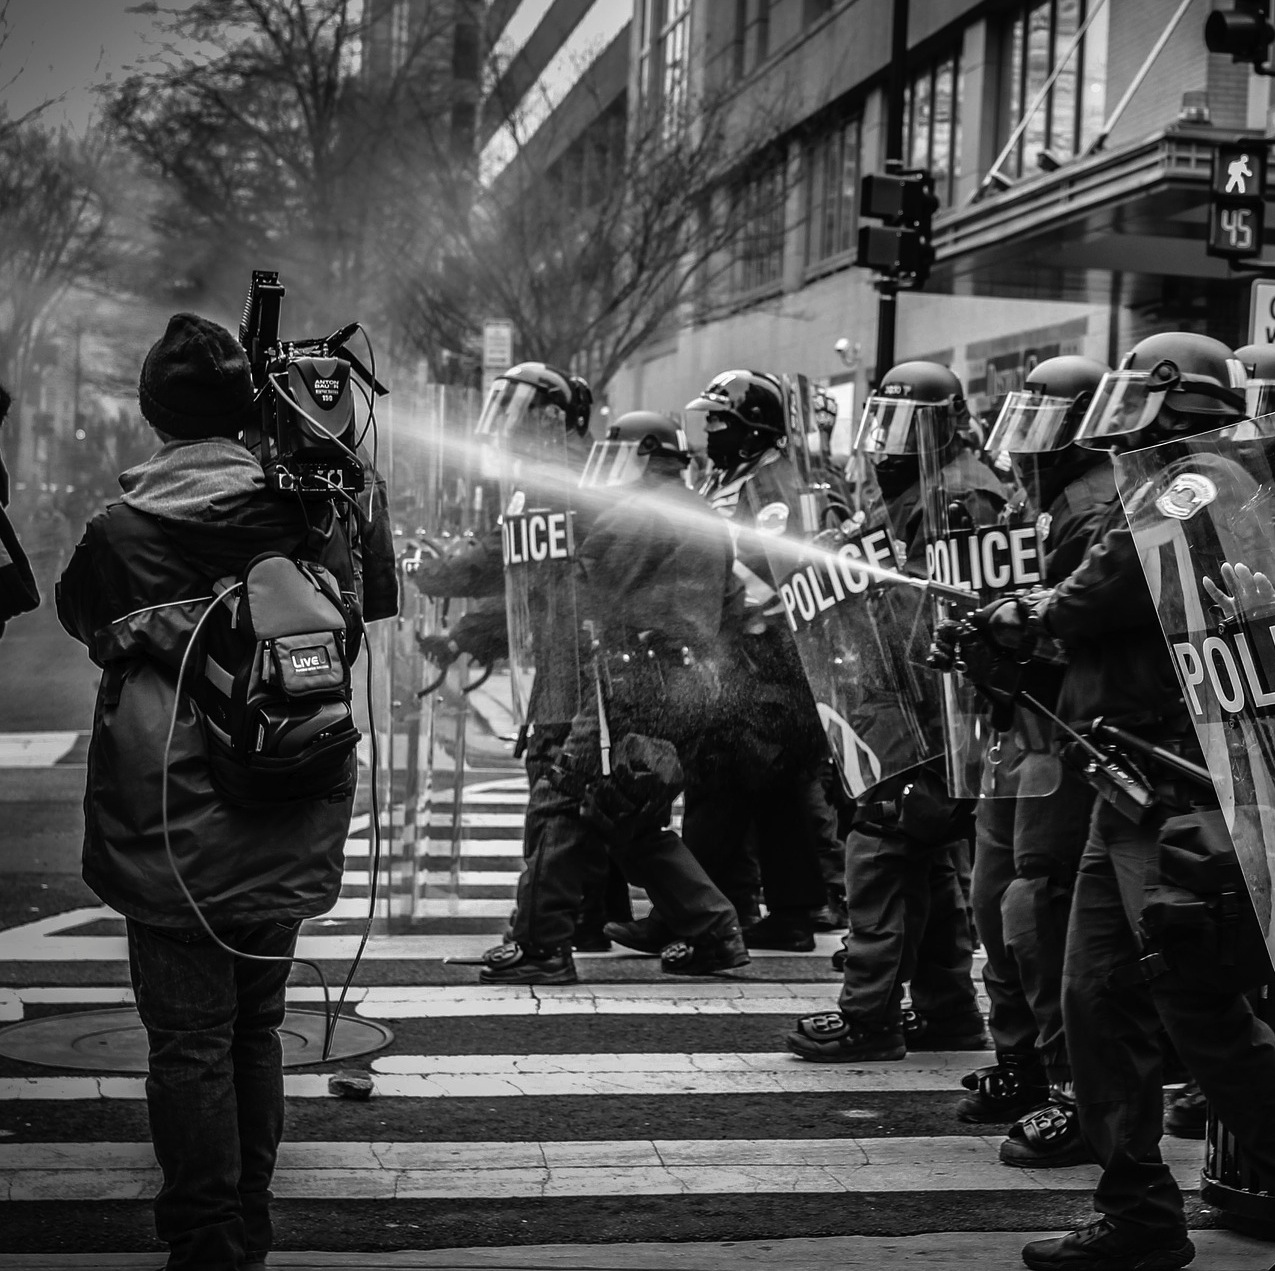 Polizei Medien